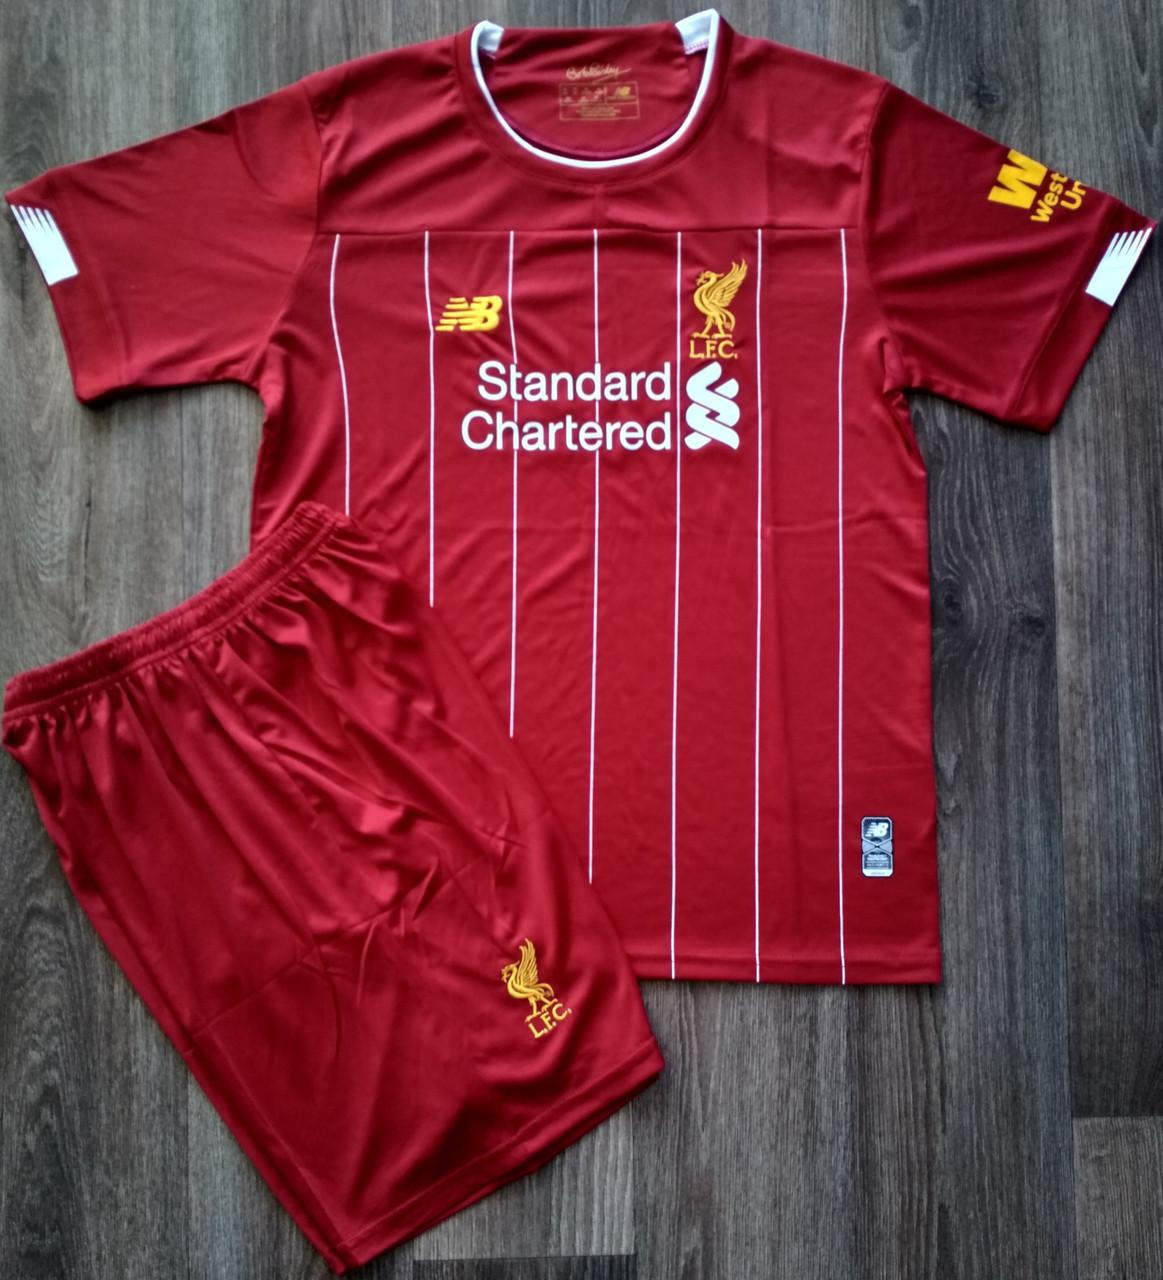 Детская форма Ливерпуль/Liverpool ( Англия, Премьер Лига ), домашняя, сезон 2019-2020 фанатская версия